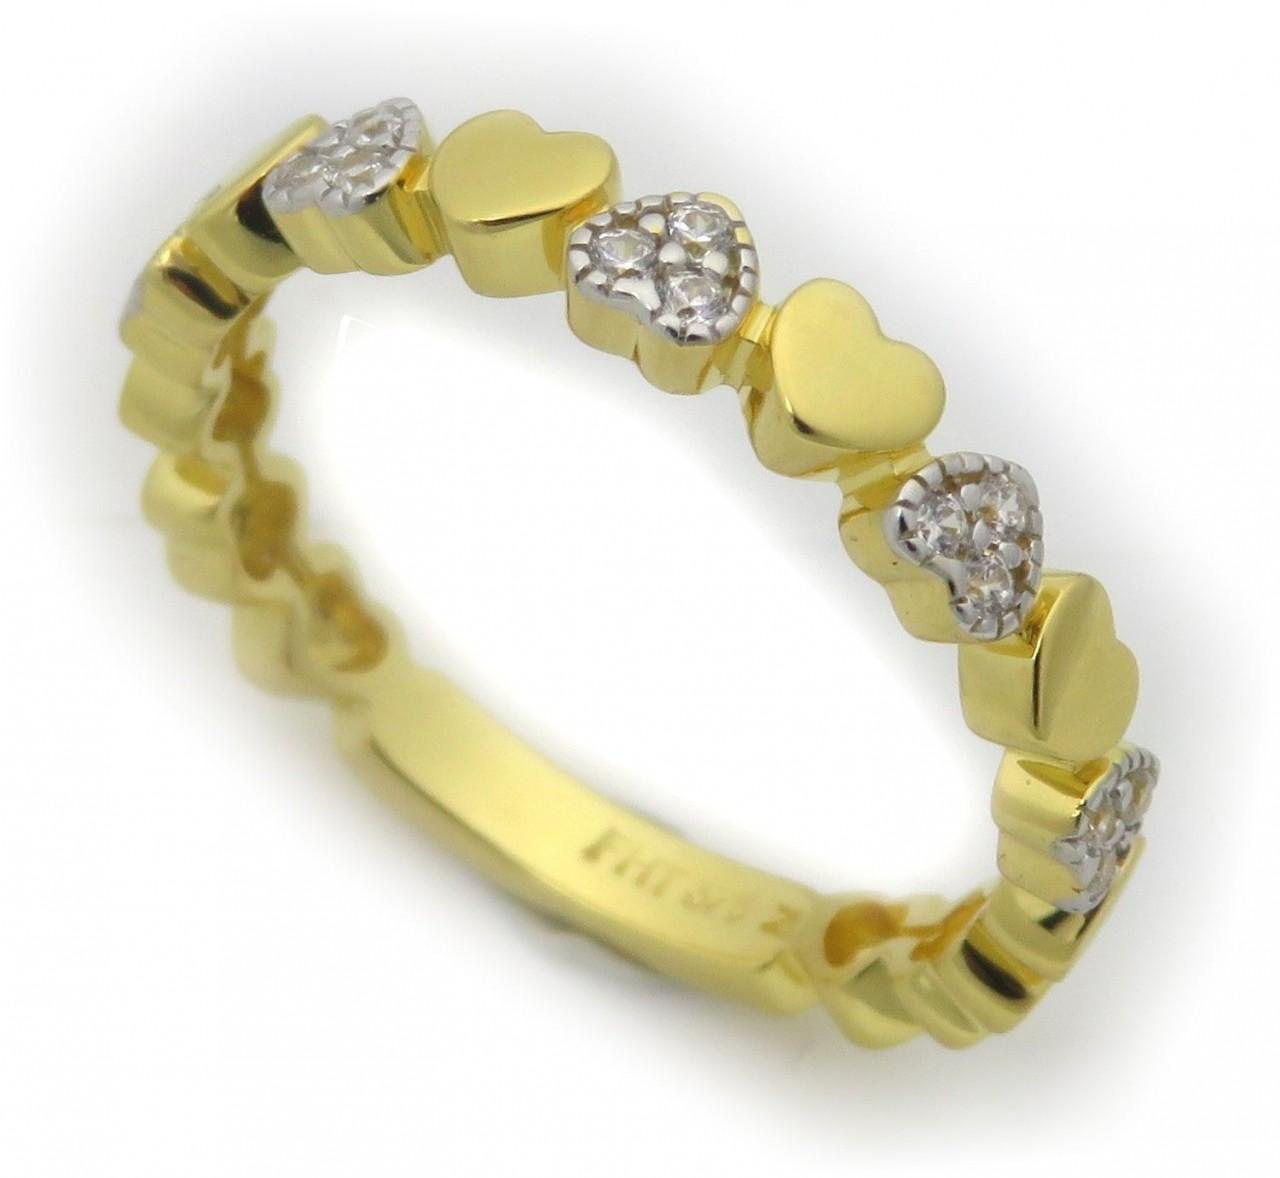 Damen Ring Herz echt Gold 375 9 kt Zirkonia Gelbgold Herzen ausgefasst Qualität